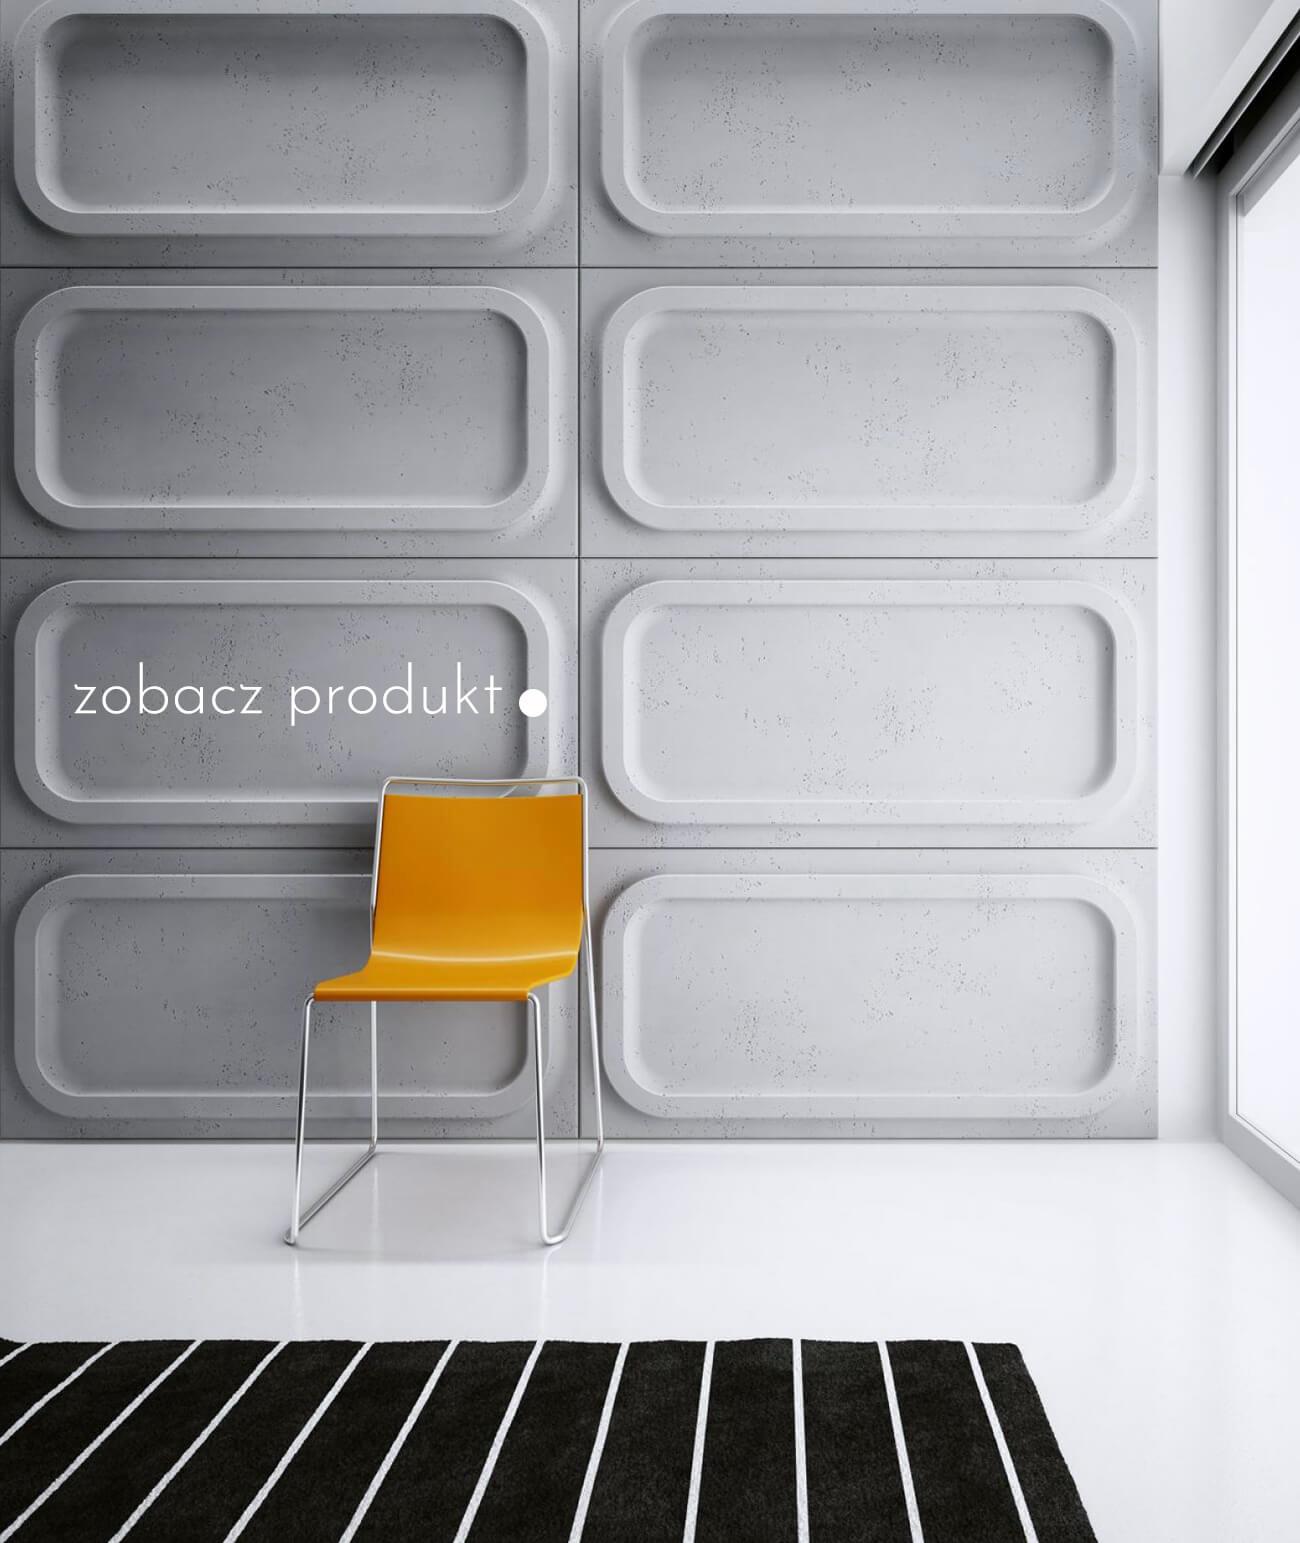 panele-betonowe-3d-scienne-i-elewacyjne-beton-architektoniczny_529-2976-pb19-s95-jasny-szary-golabkowy-modul-o---panel-dekor-3d-beton-architektoniczny-panel-scienny